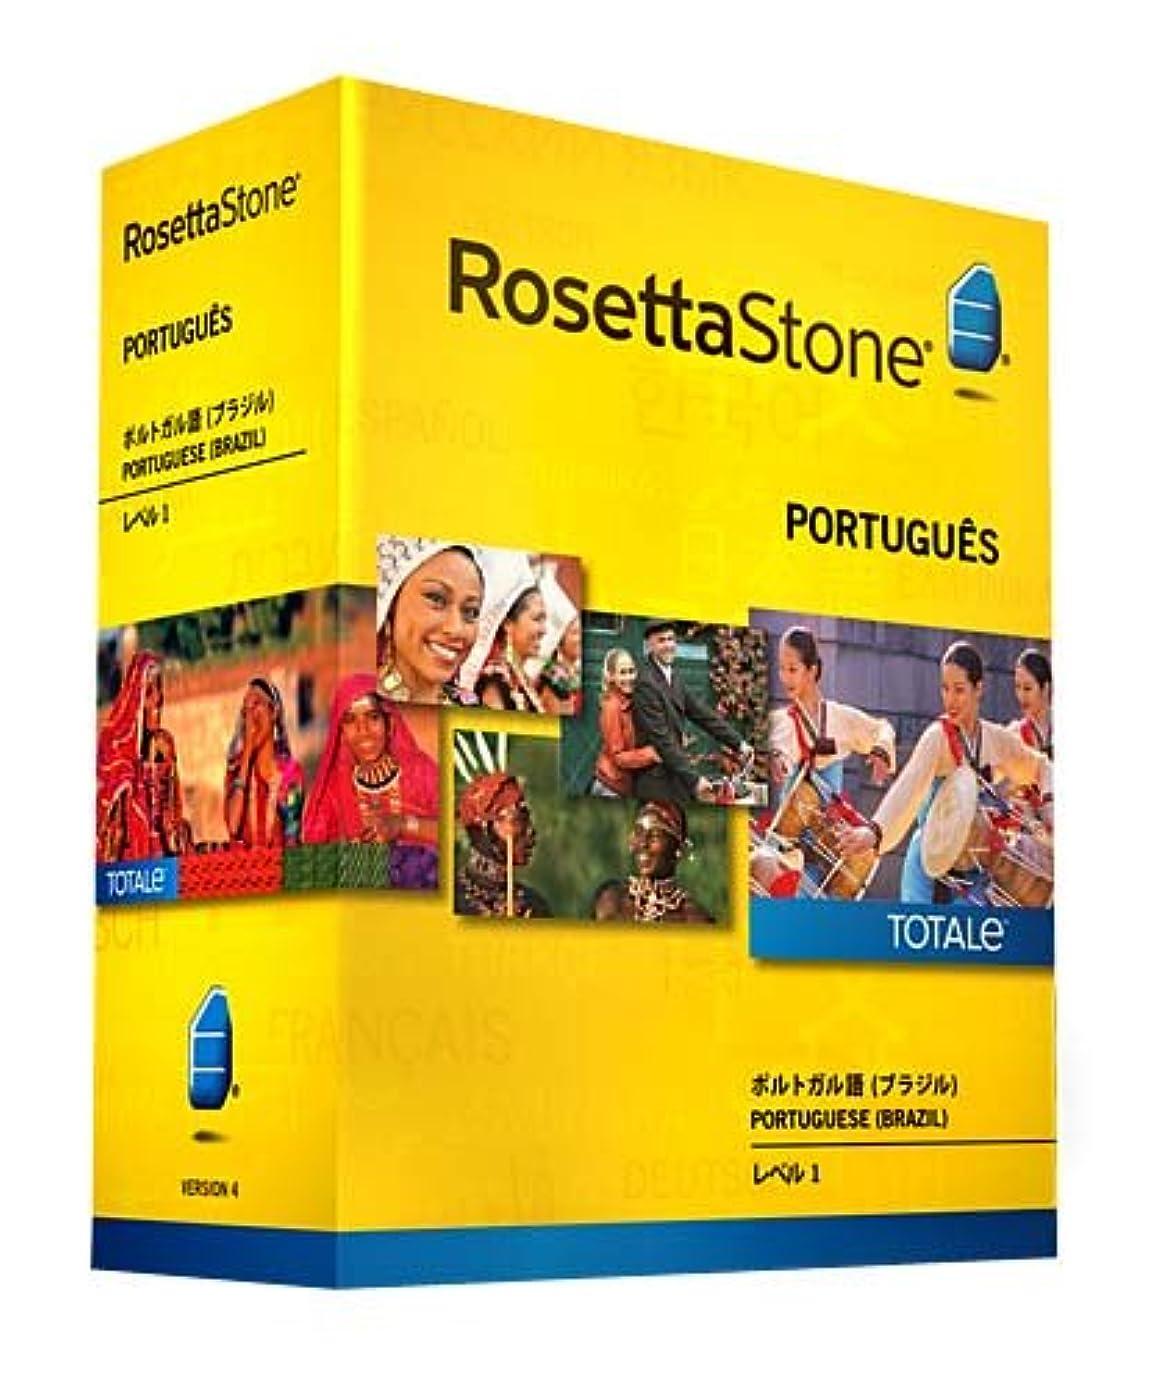 アンプ緯度代数ロゼッタストーン ポルトガル語 (ブラジル) レベル1 v4 TOTALe